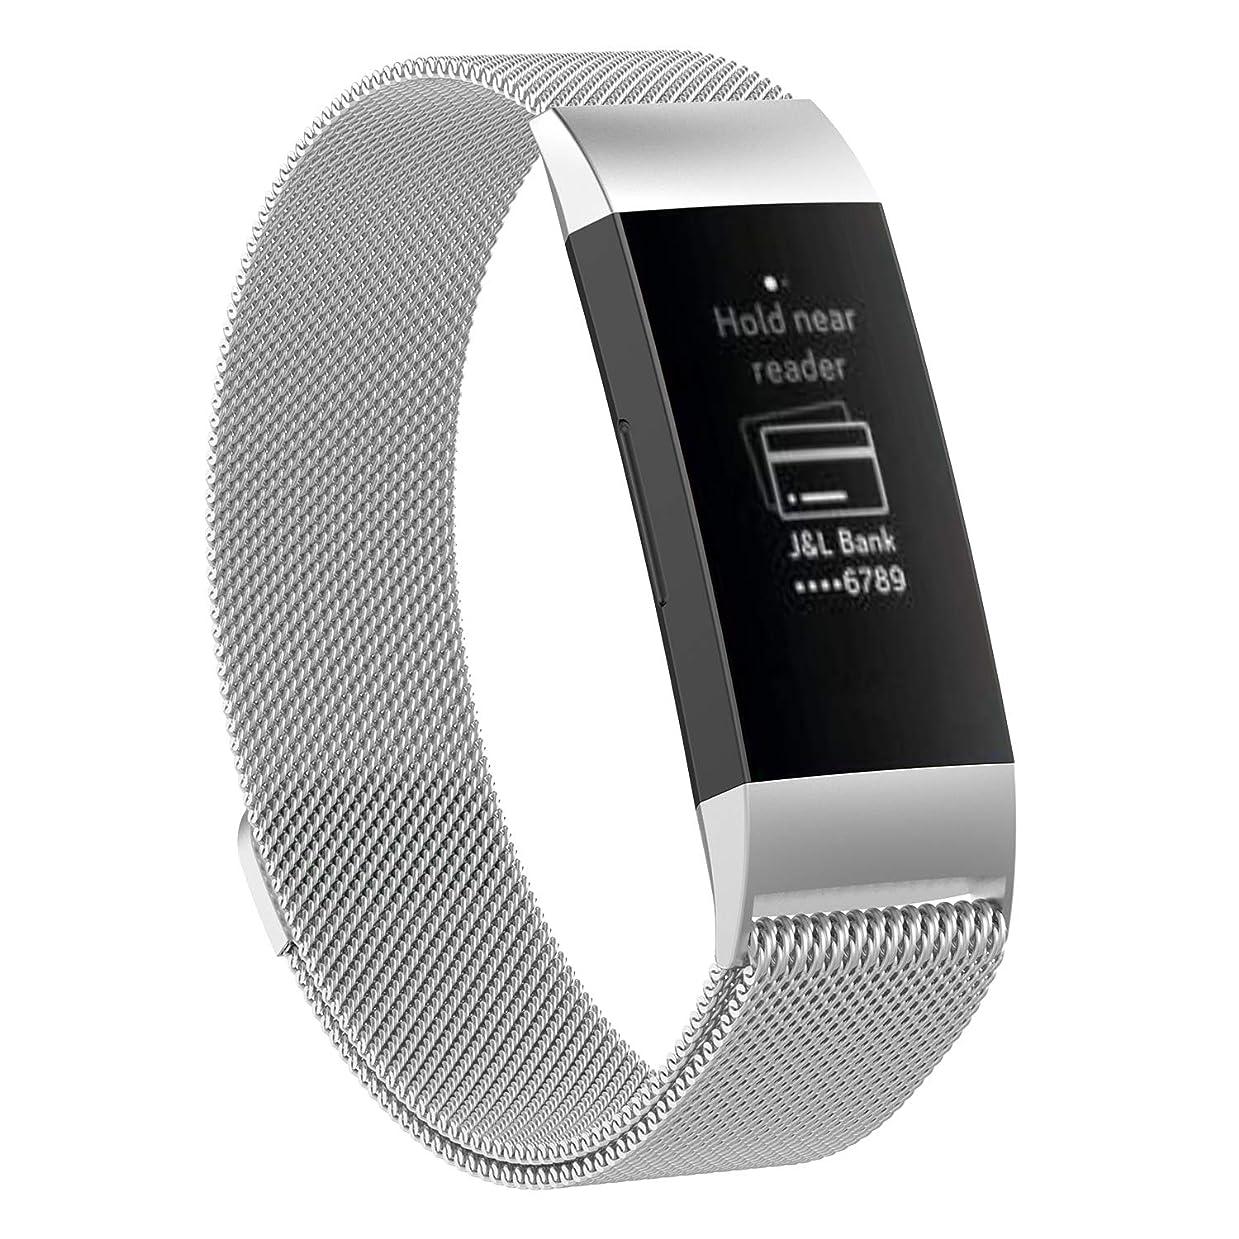 恐ろしいです優れた車両XIHAMA For Fitbit Charge3 バンド 磁気ブレスレット ミラノループ ステンレススチール製 2サイズ 交換リスト マグネット式 調整でき (Small, シルバー)